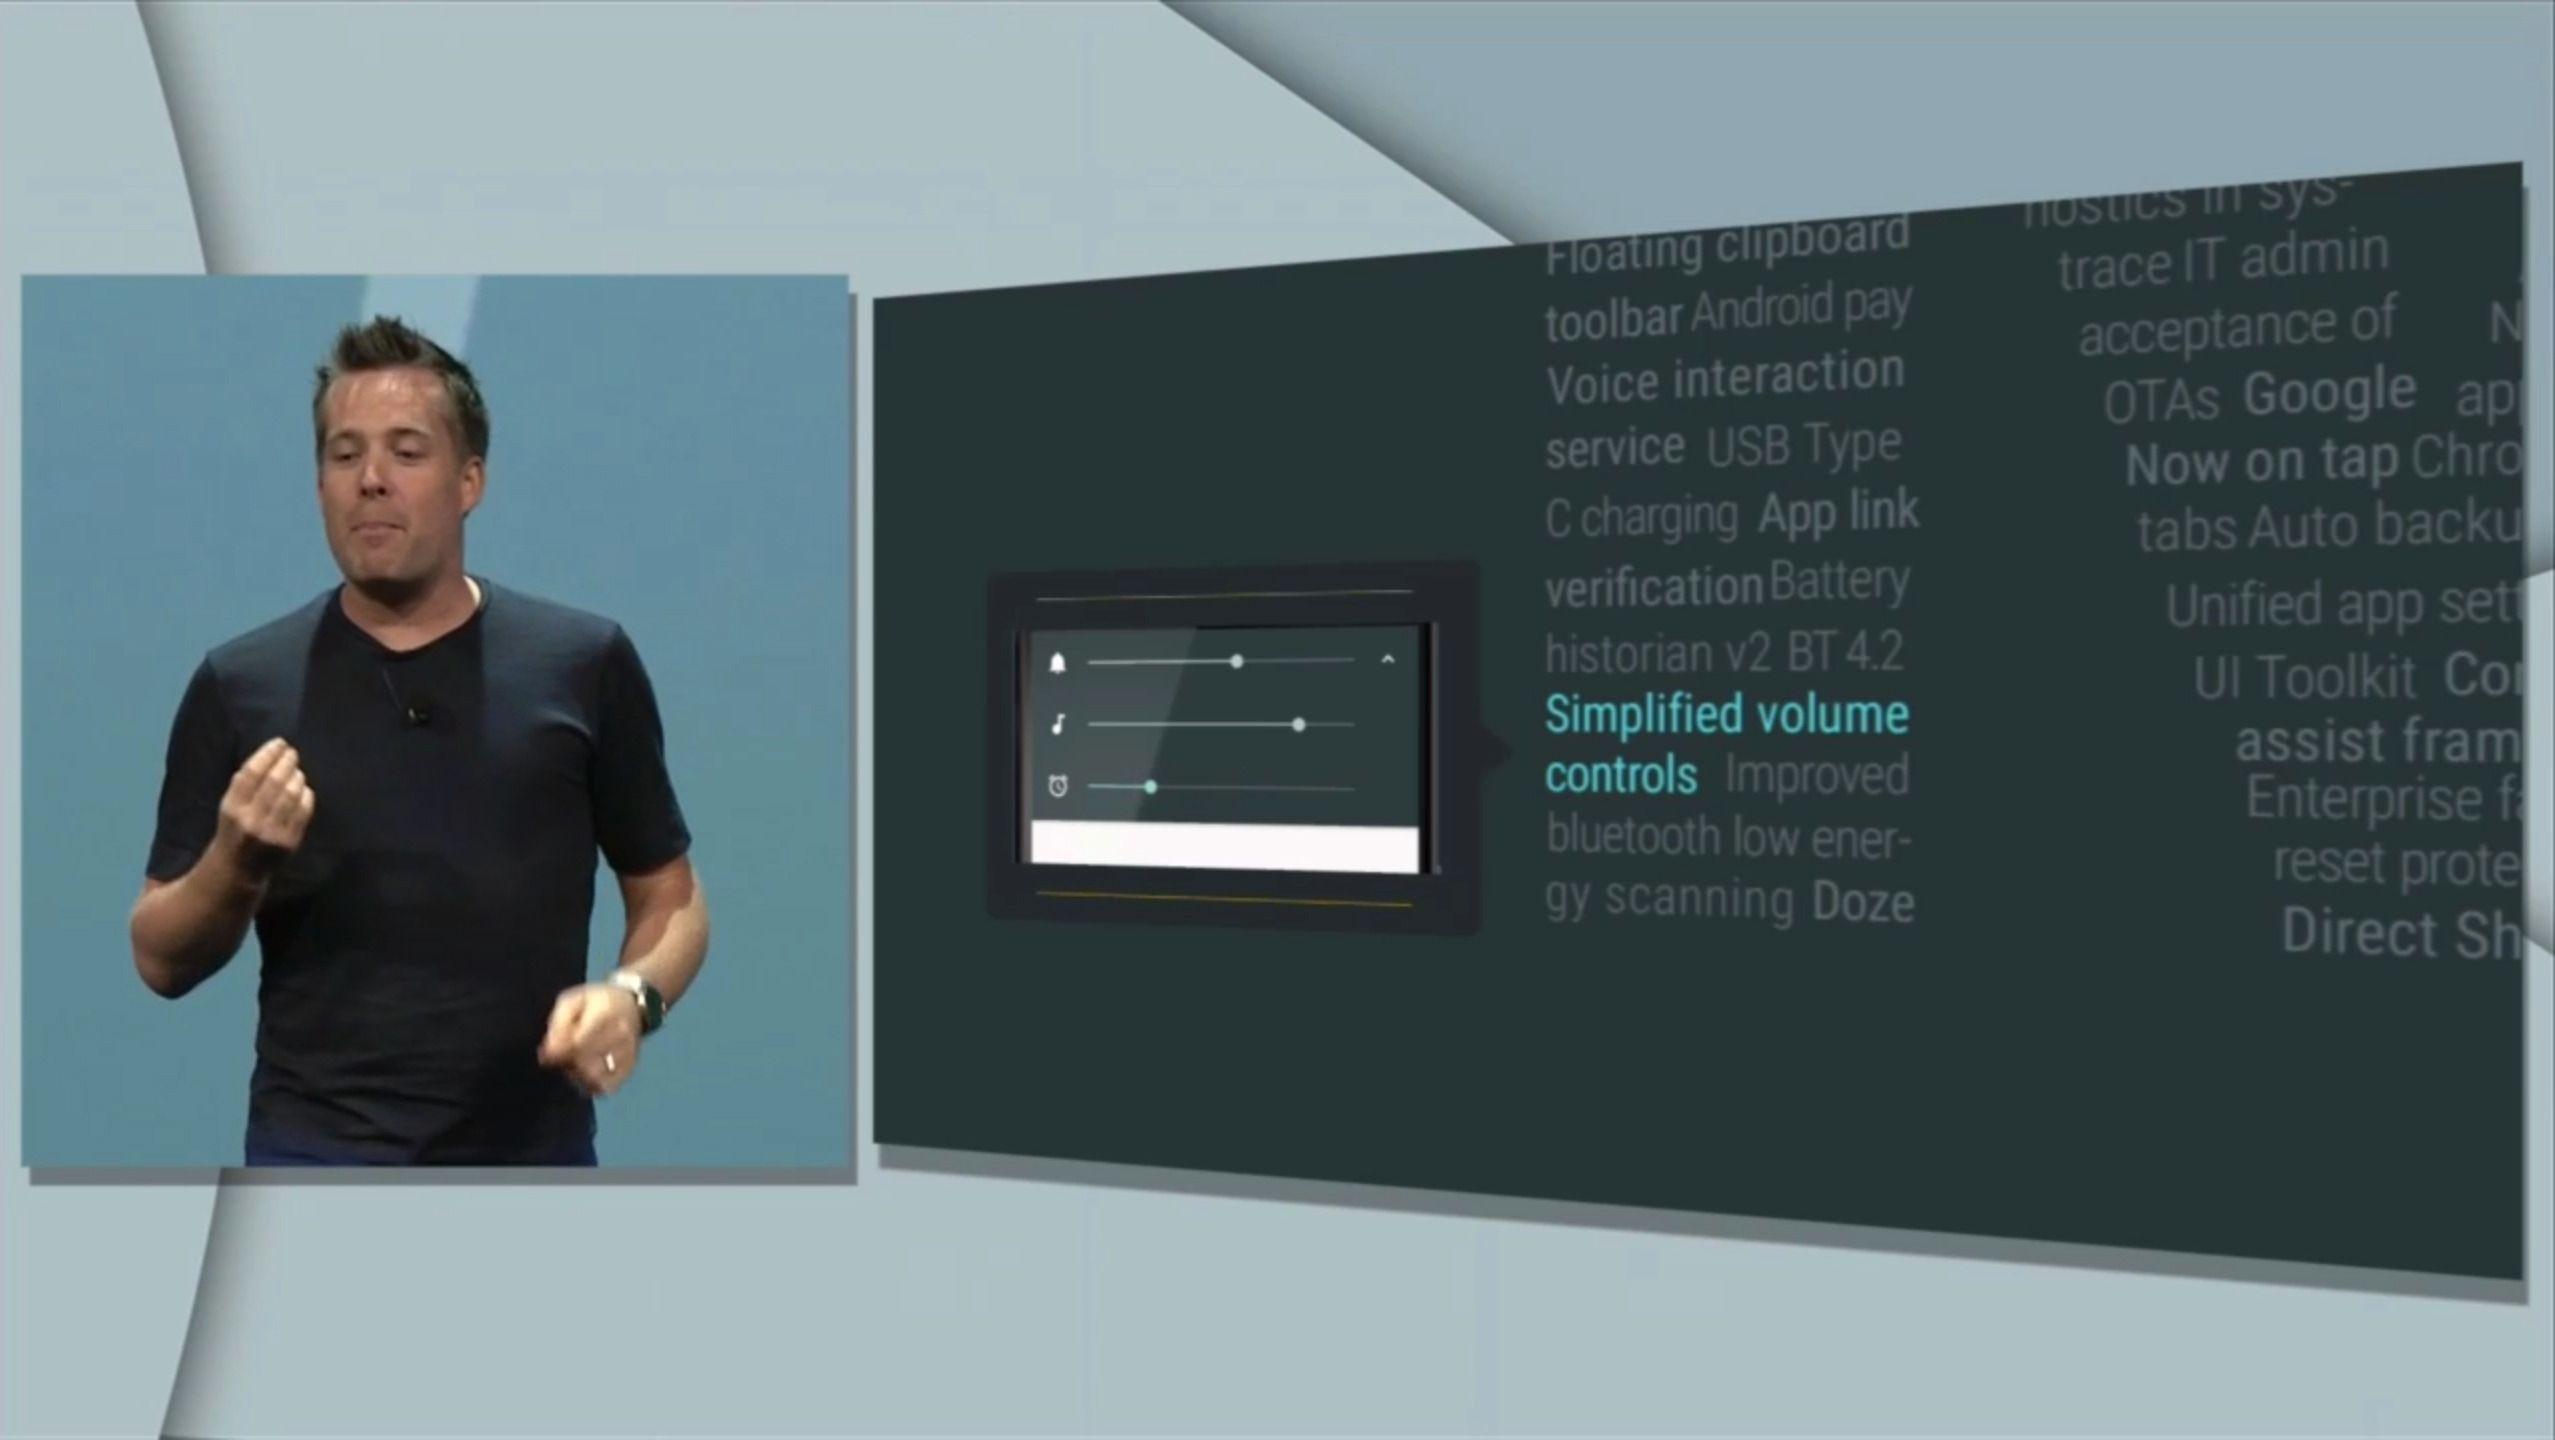 Fra scenen i San Francisco spøkte de med at ikke alle likte endringen i varslinger i Android 5 Lollipop. En ny løsning er på vei i Android M. Foto: Skjermdump, Youtube/Google